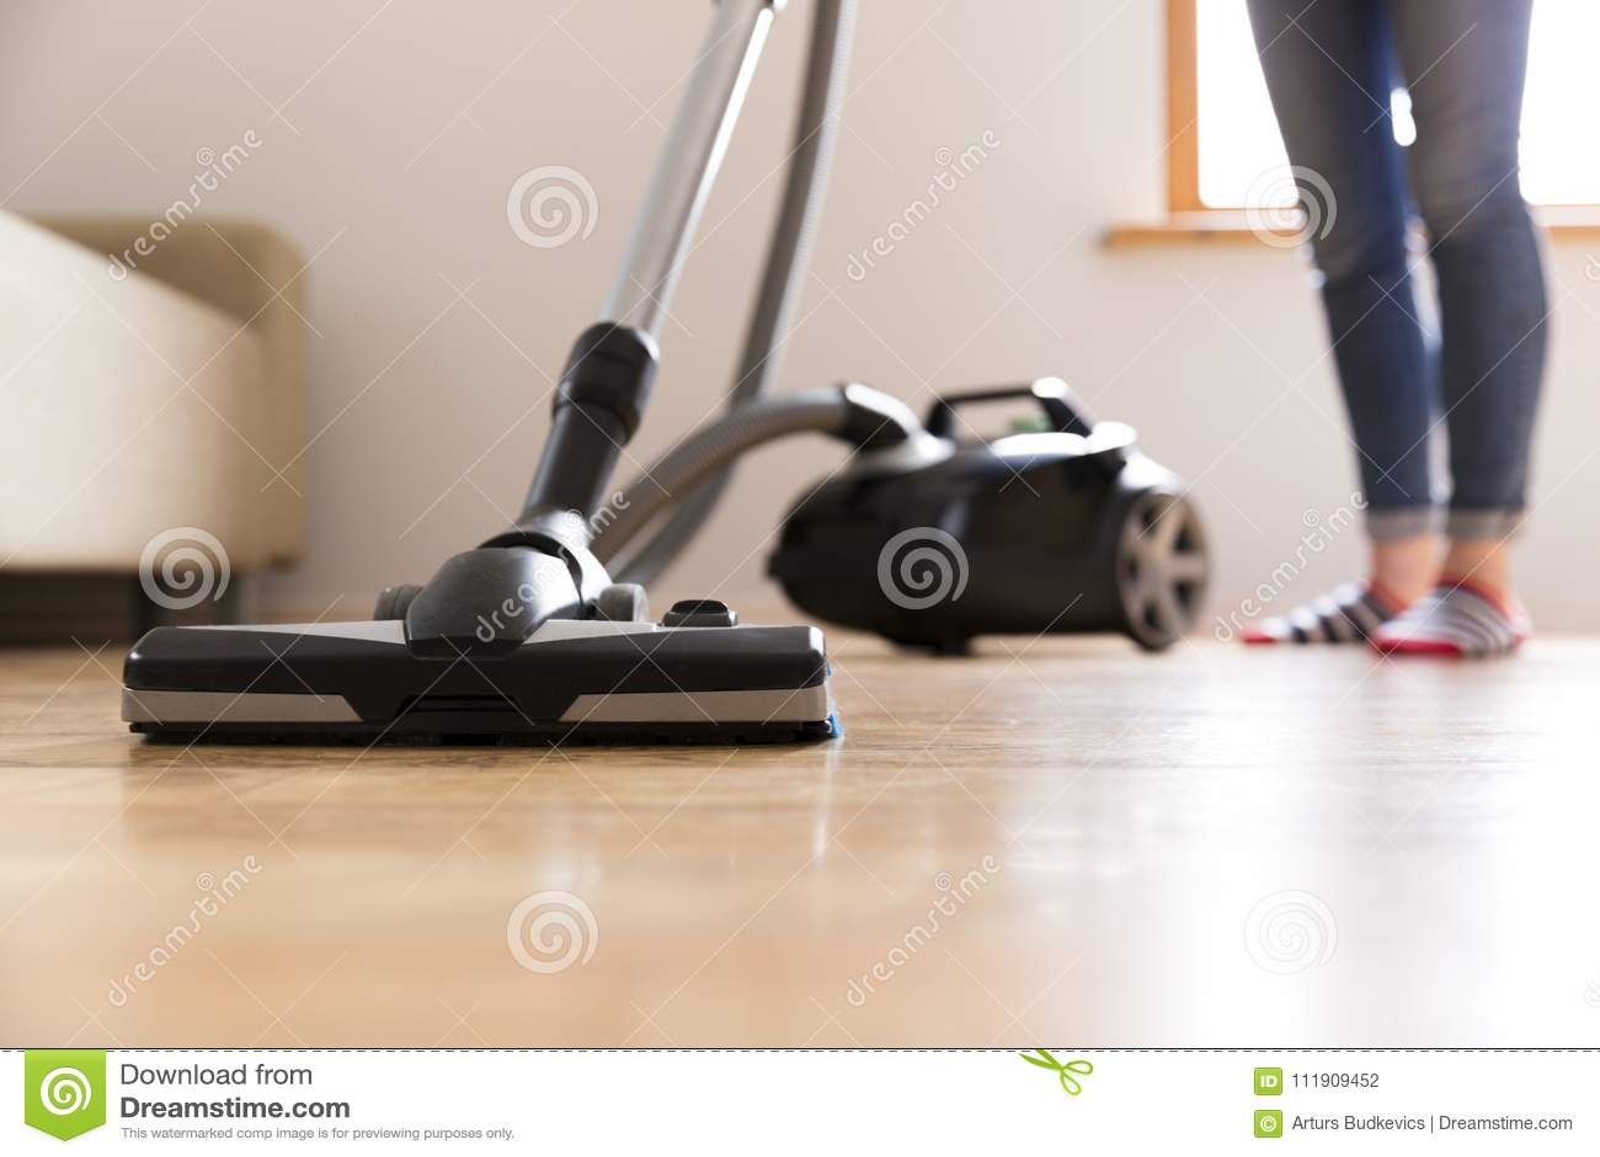 Conceito dos povos, dos trabalhos domésticos e das tarefas domésticas - mulher feliz com aspirador de p30 em casa Limpeza da prim